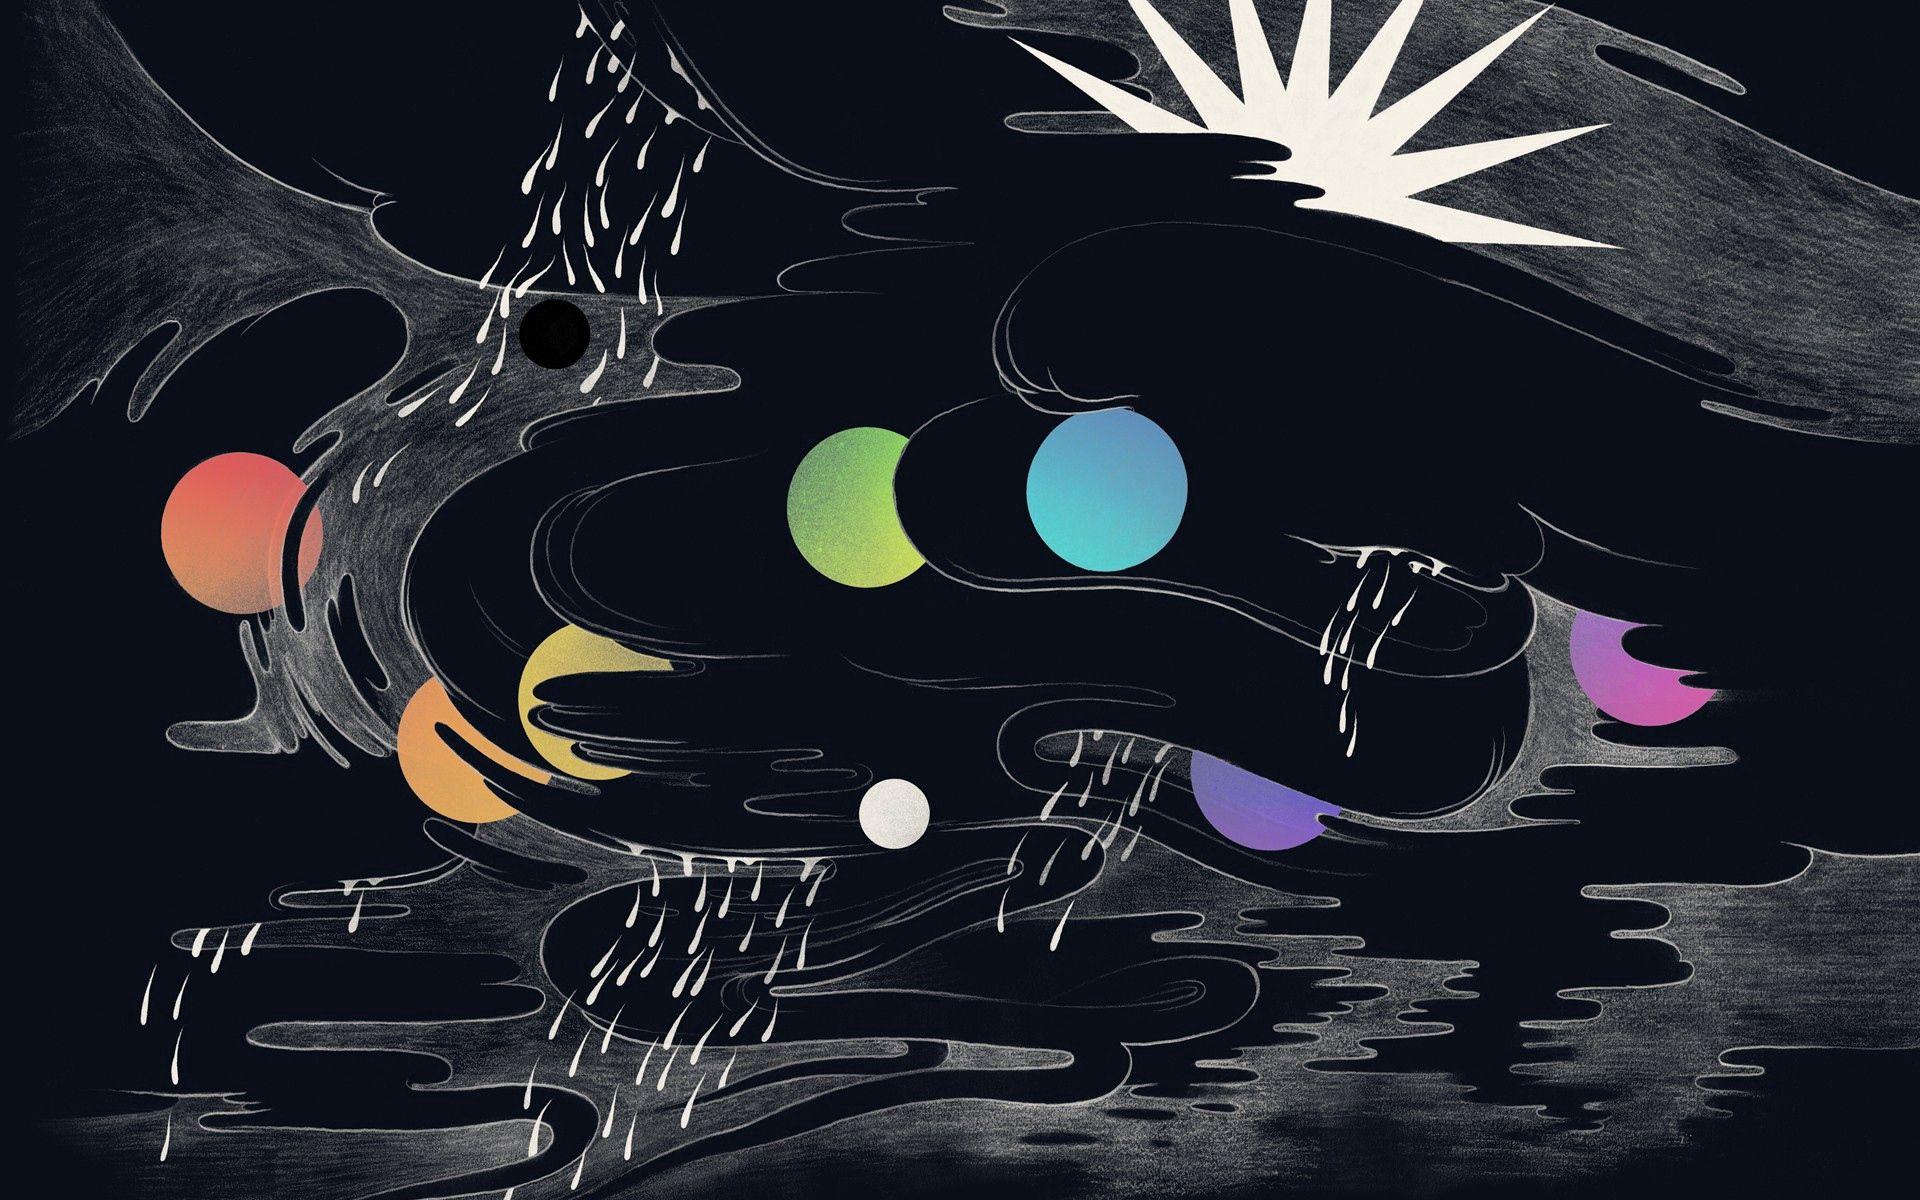 60279 Hintergrundbild herunterladen Kreise, Abstrakt, Hell, Mehrfarbig, Motley, Bild, Zeichnung - Bildschirmschoner und Bilder kostenlos